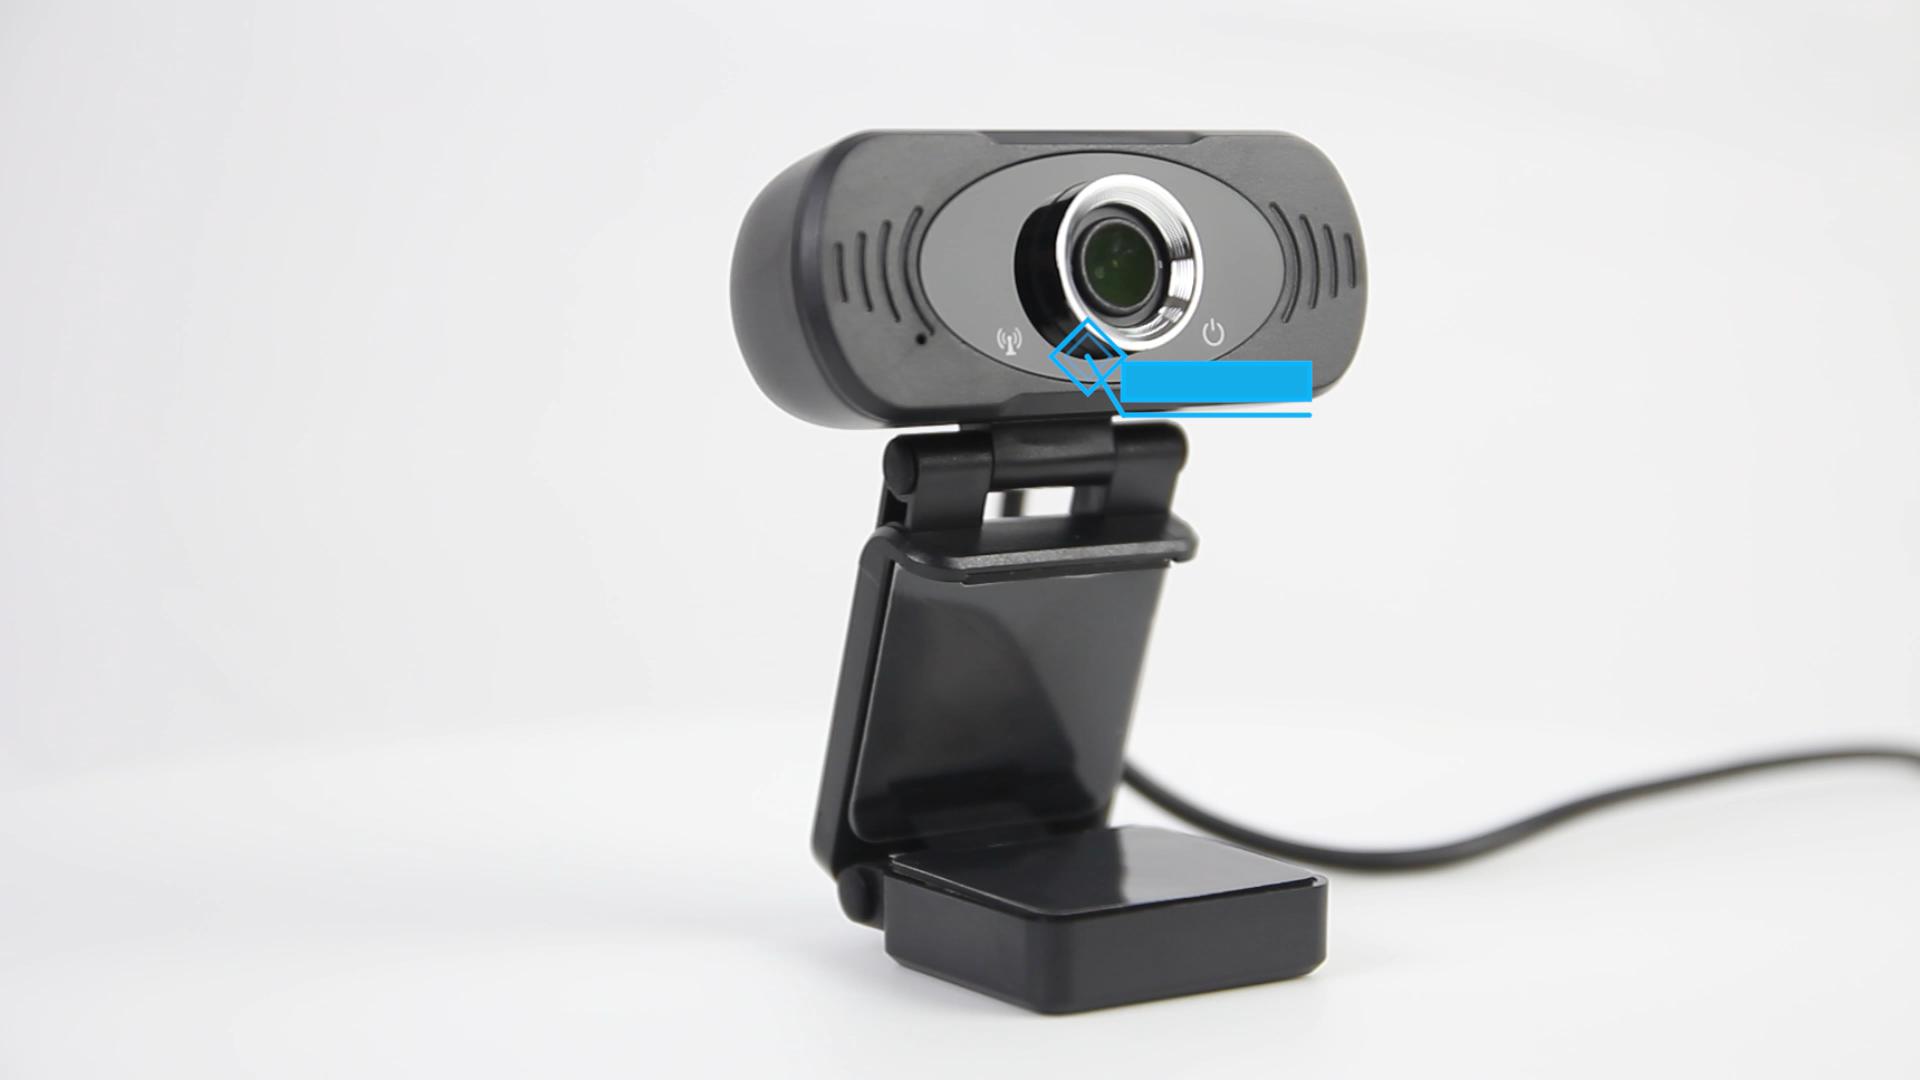 как подключить фотоаппарат вместо веб камеры естественно актер